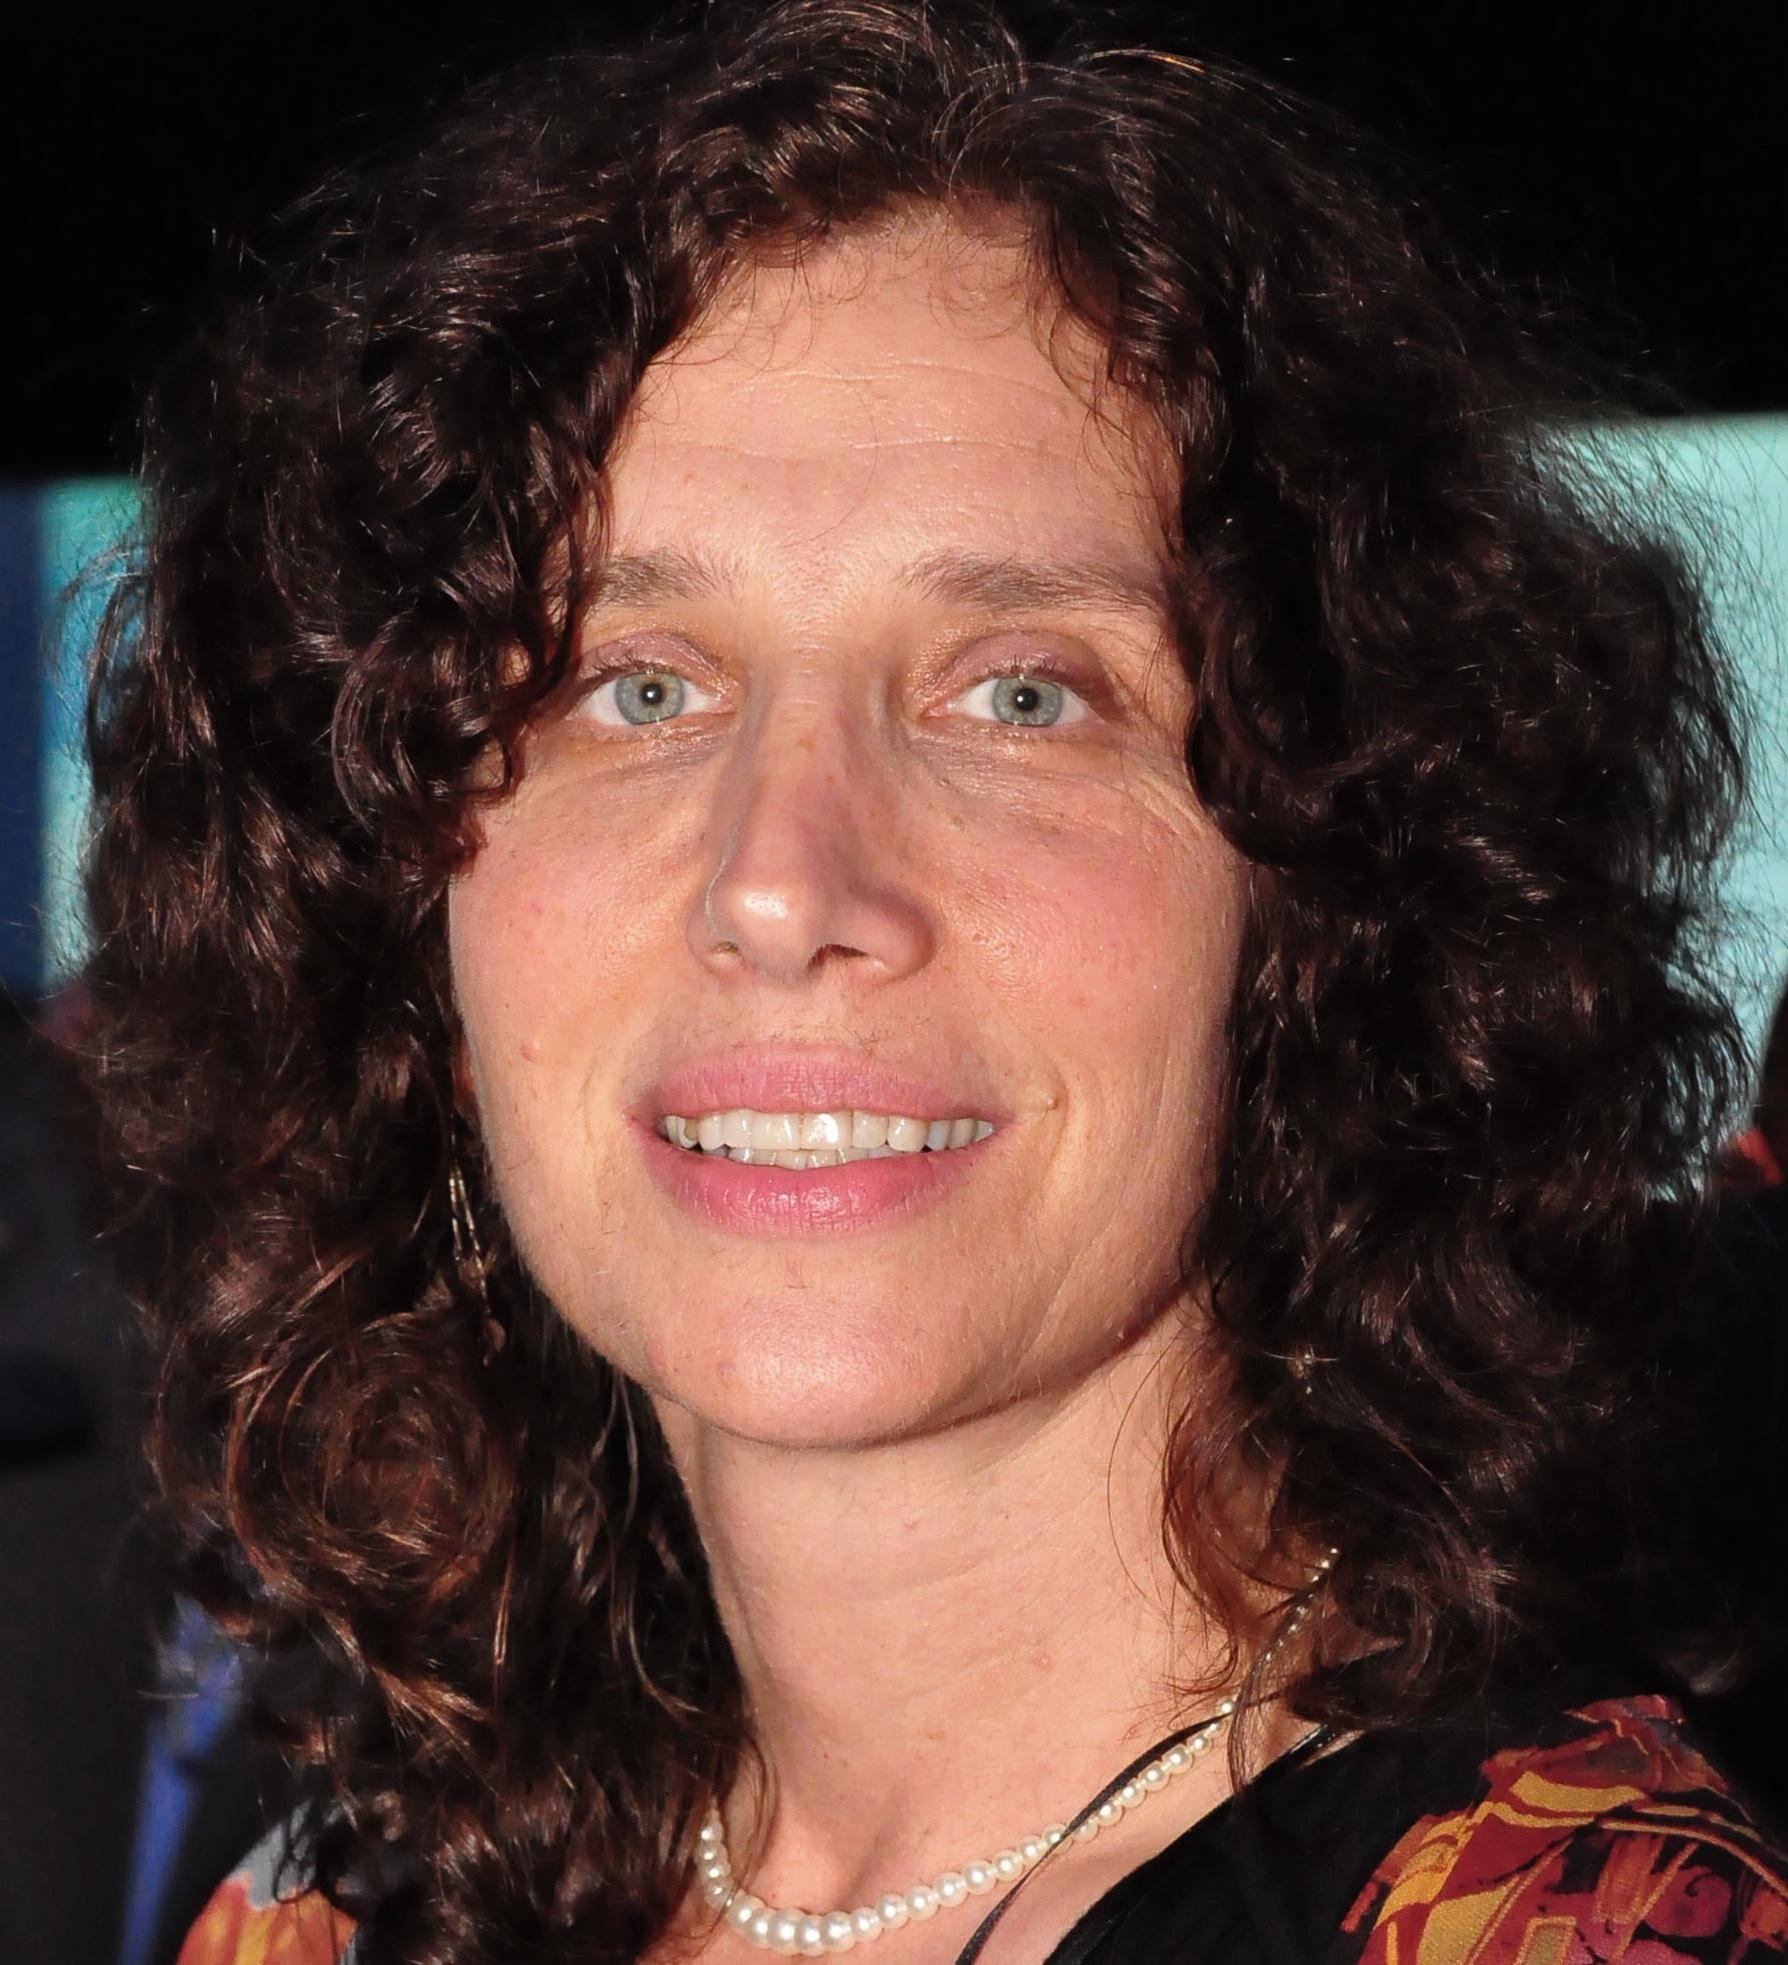 Laura Stachel